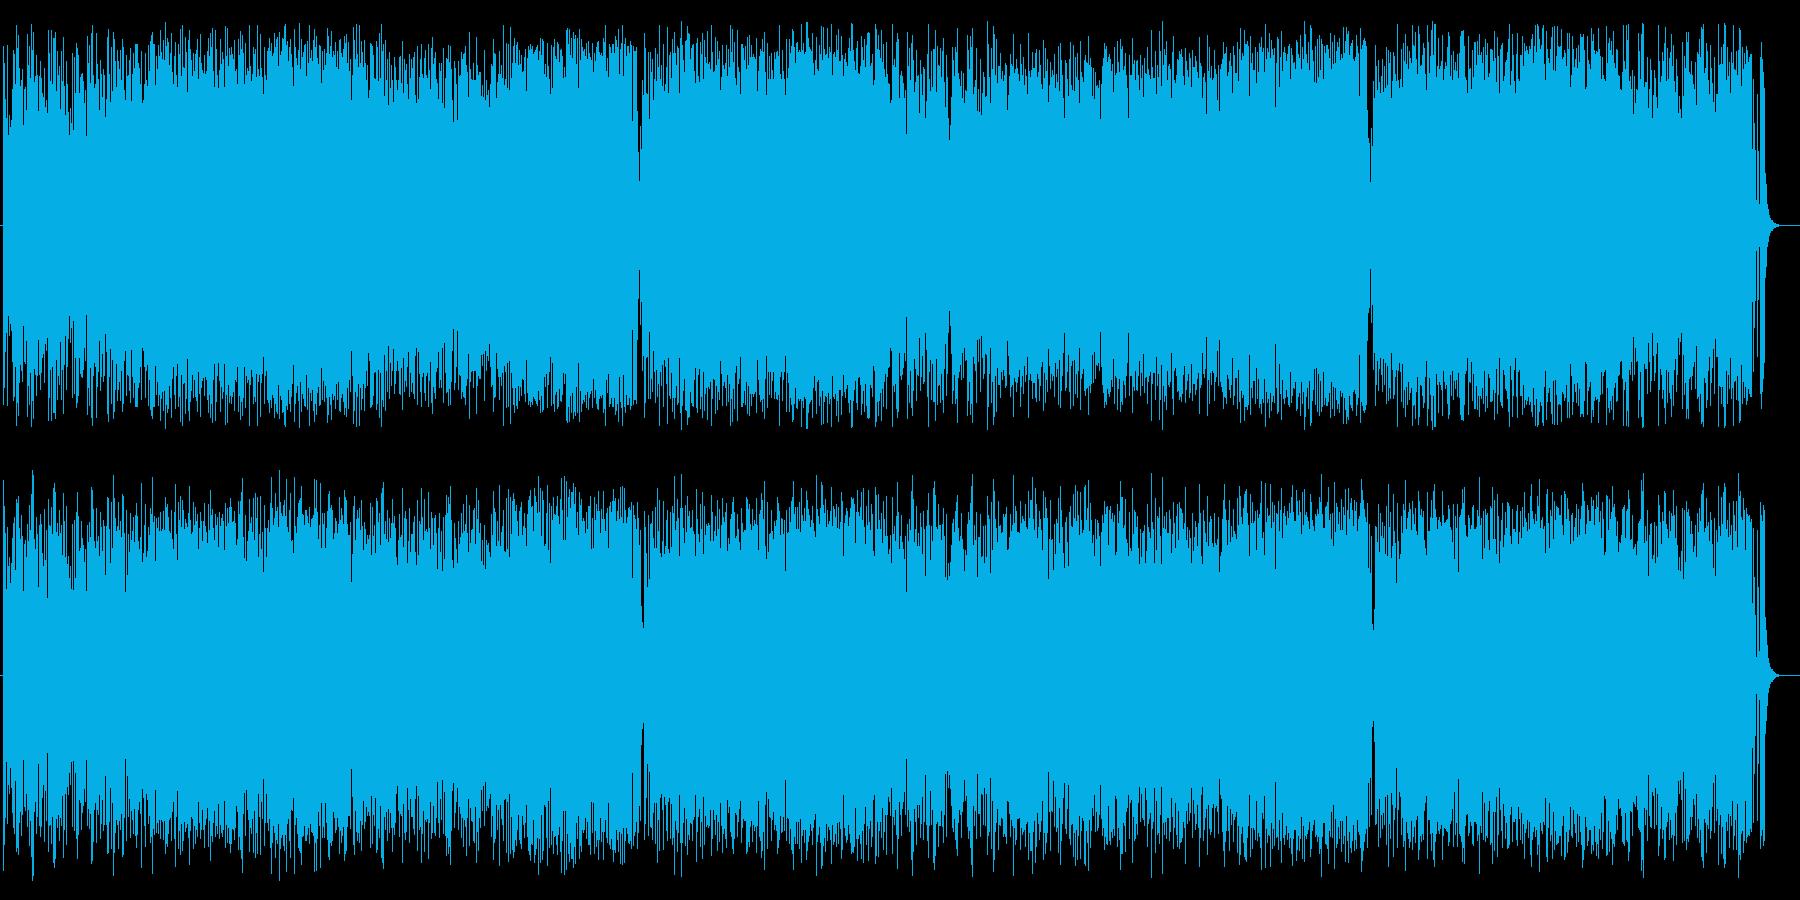 元気がもらえるどこか懐かしい曲調の再生済みの波形